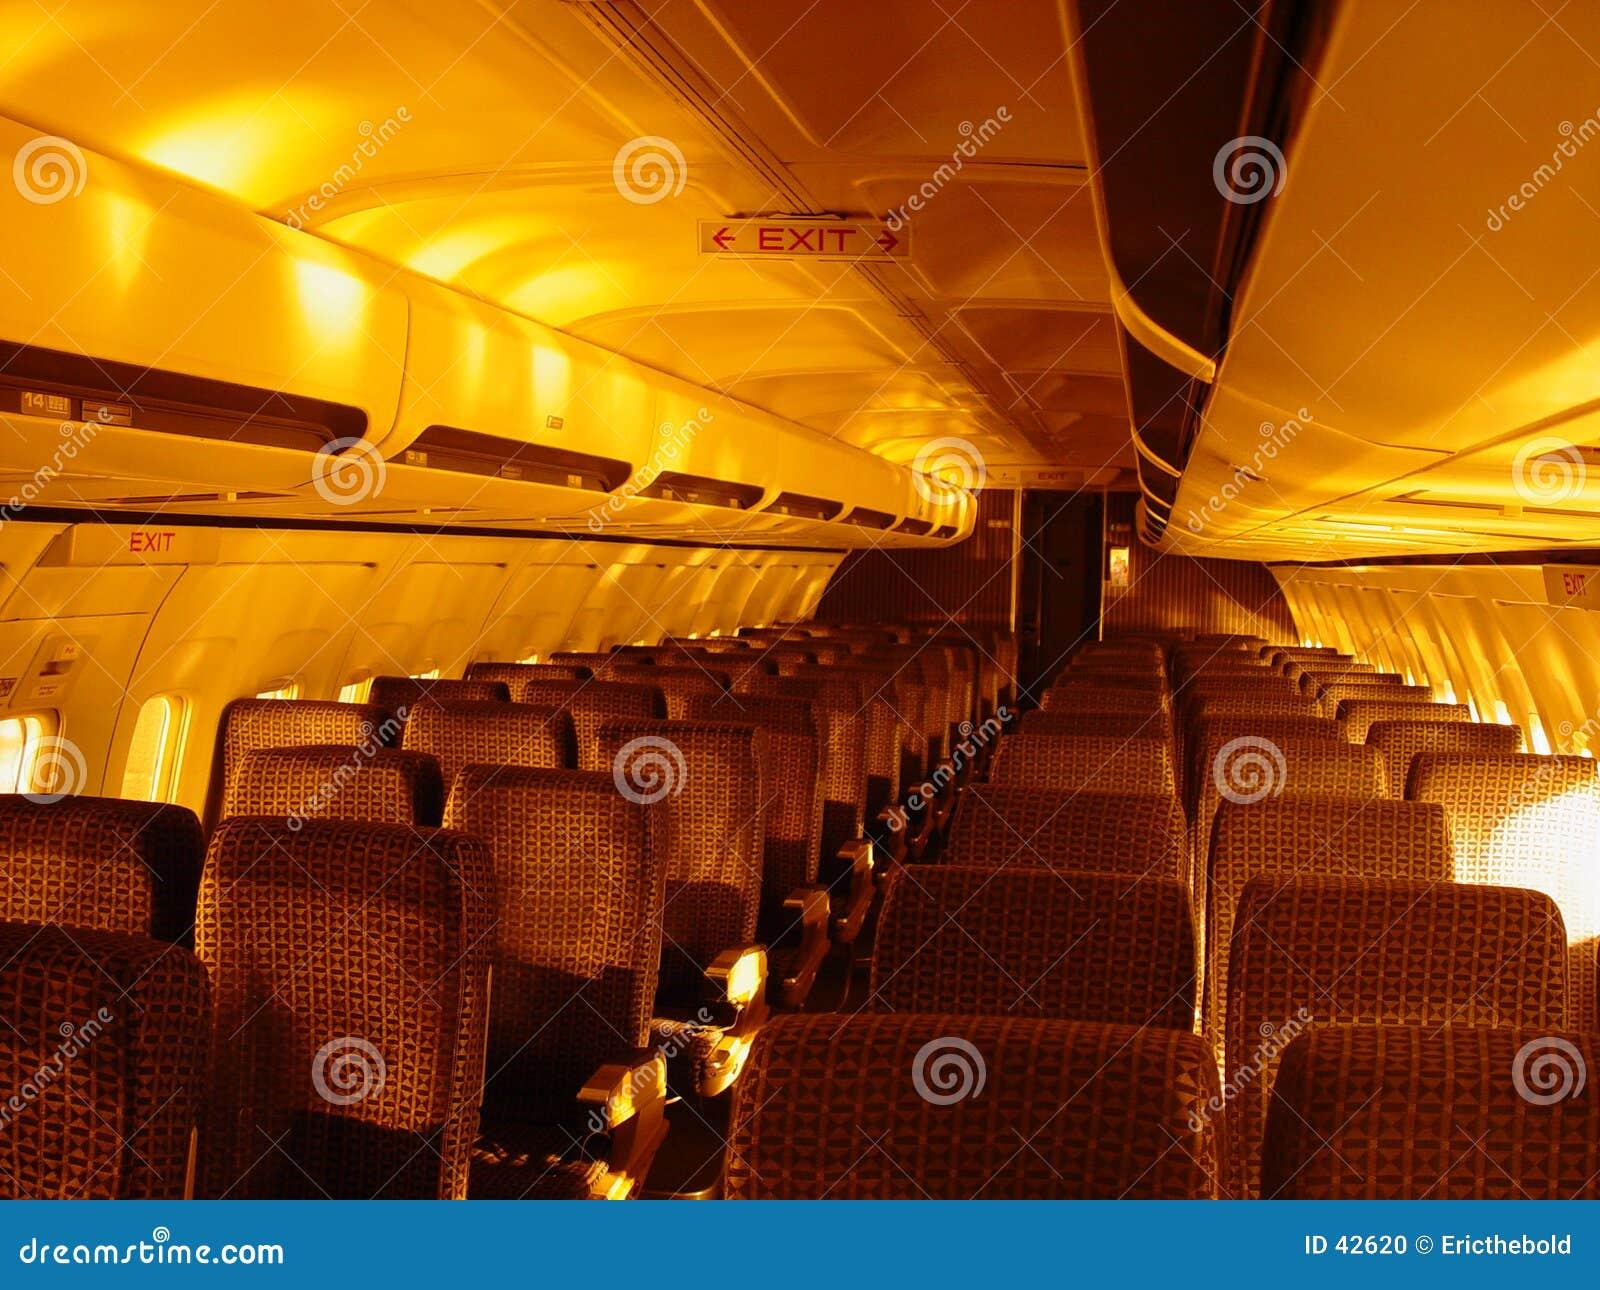 Download Muévase hacia la salida foto de archivo. Imagen de airliner - 42620